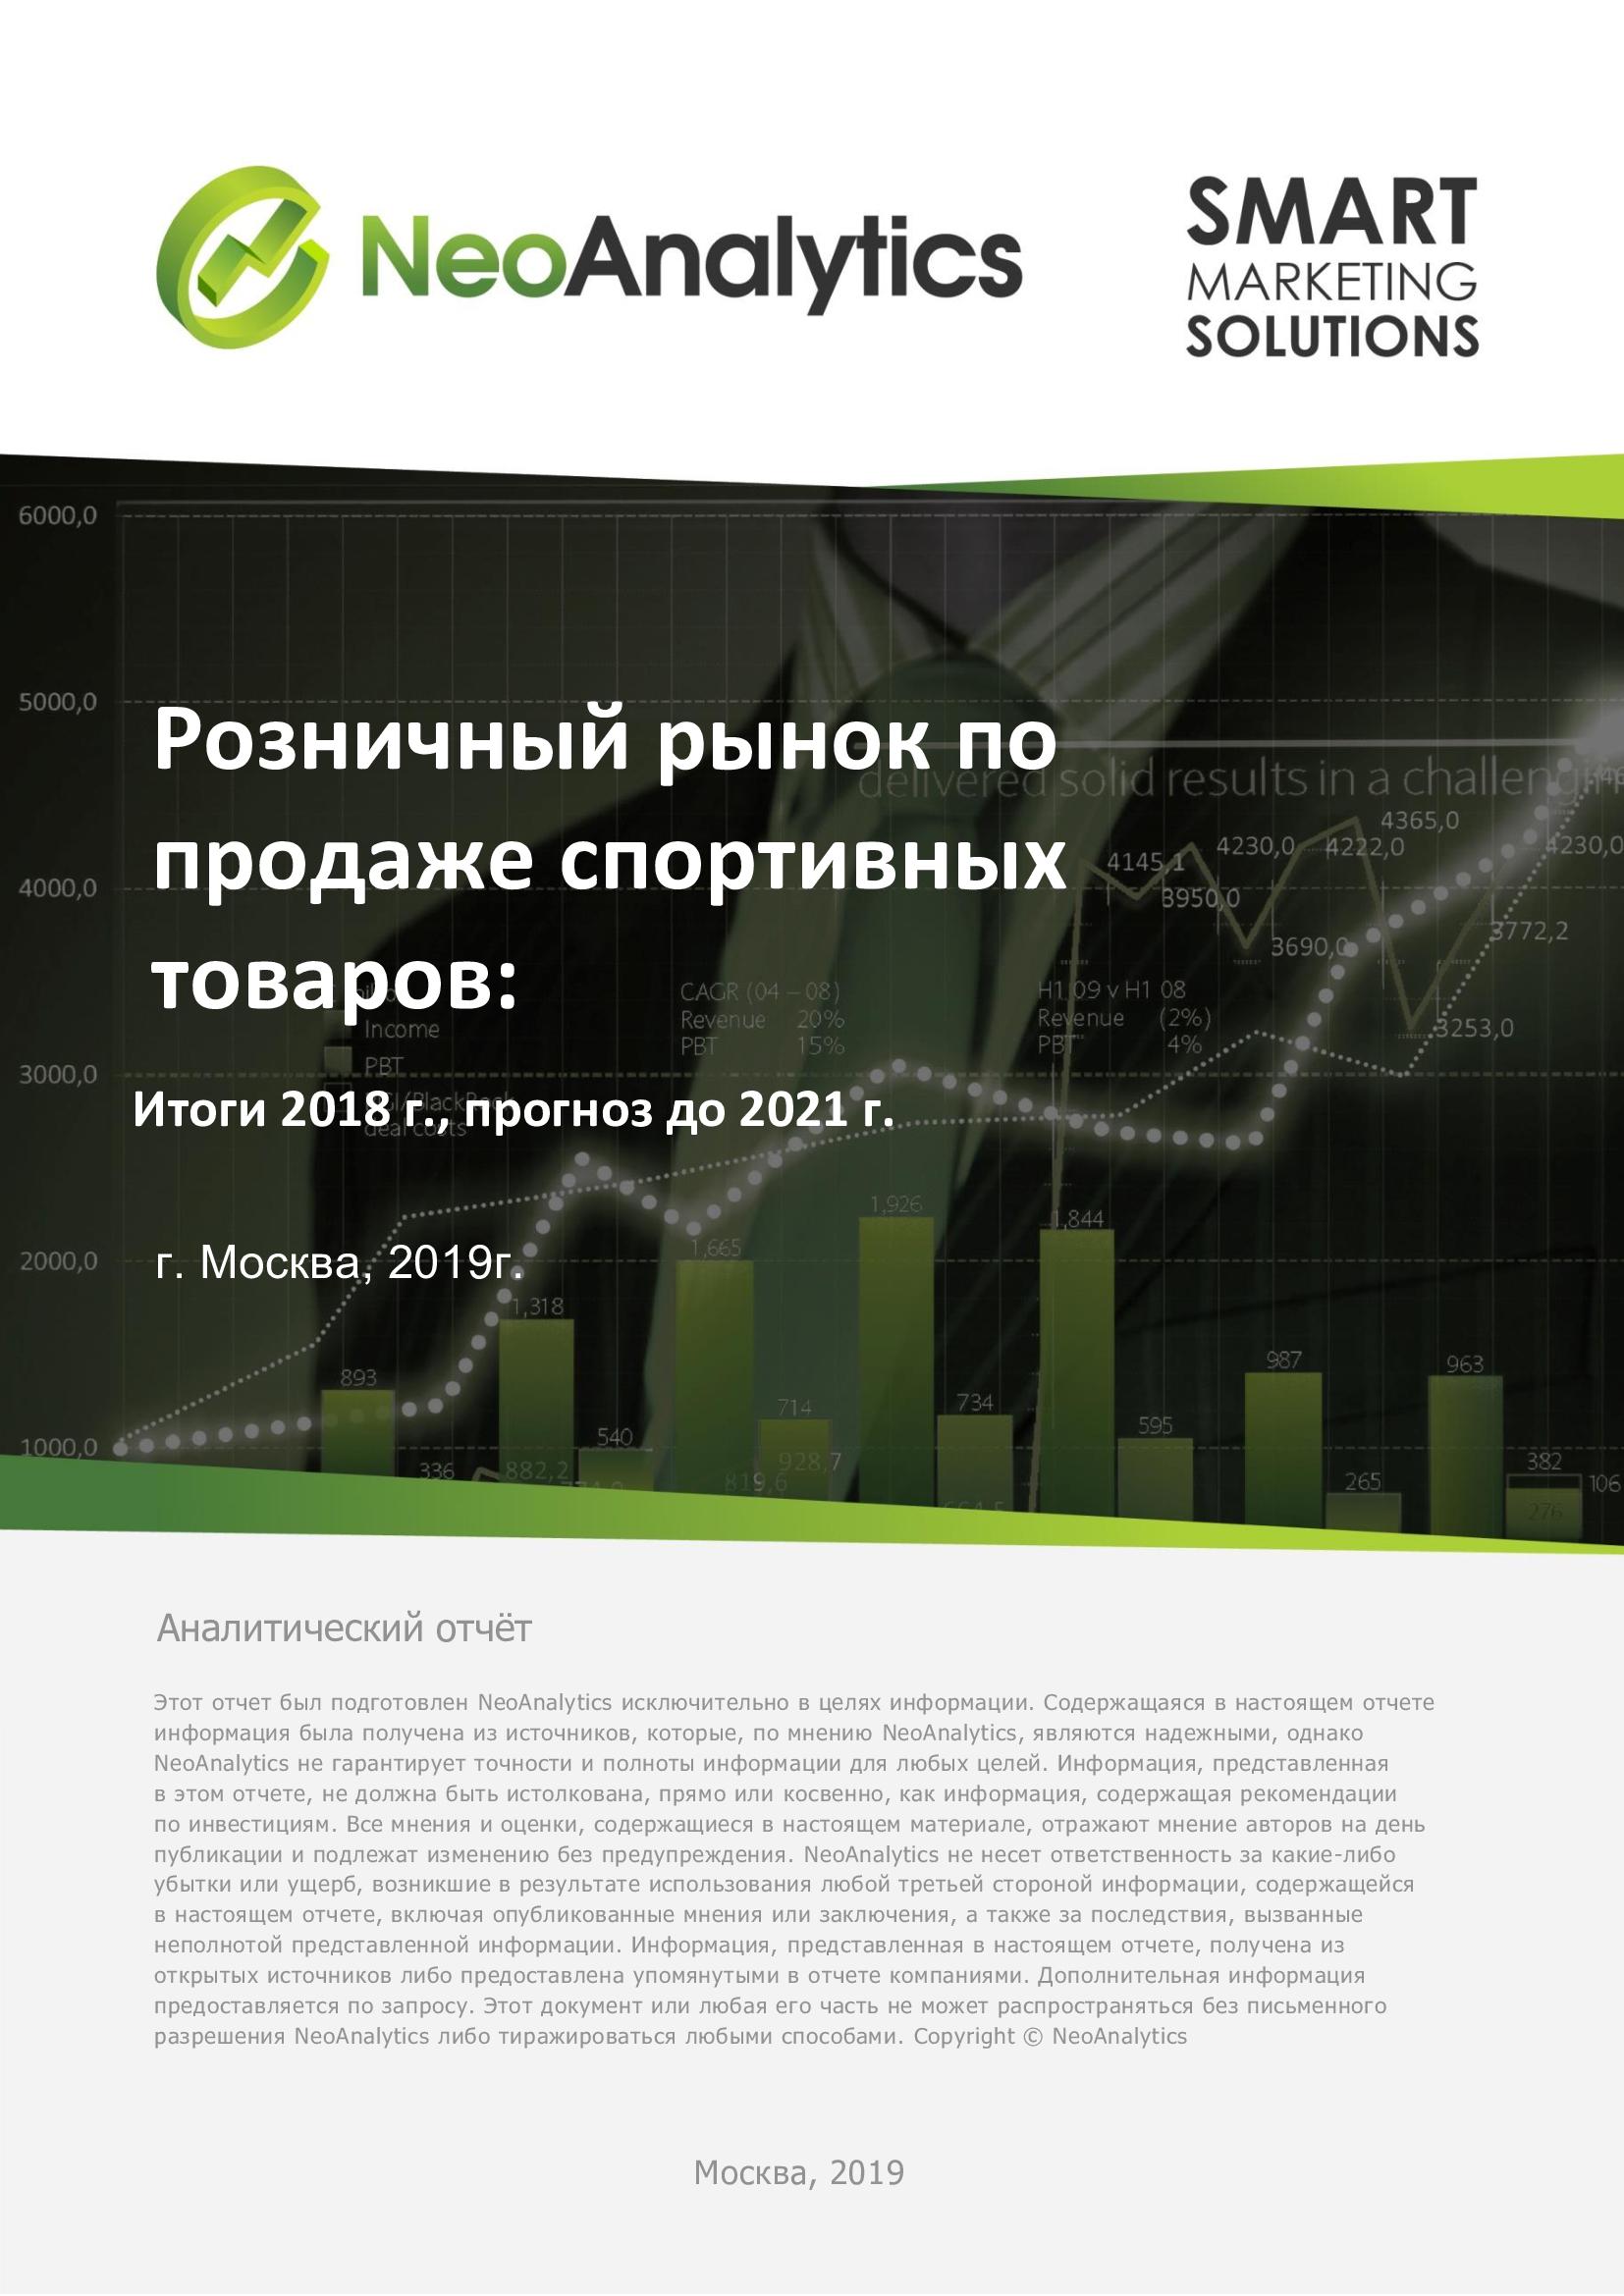 Розничный рынок по продаже спортивных товаров: итоги 2018 г., прогноз до 2021 г.